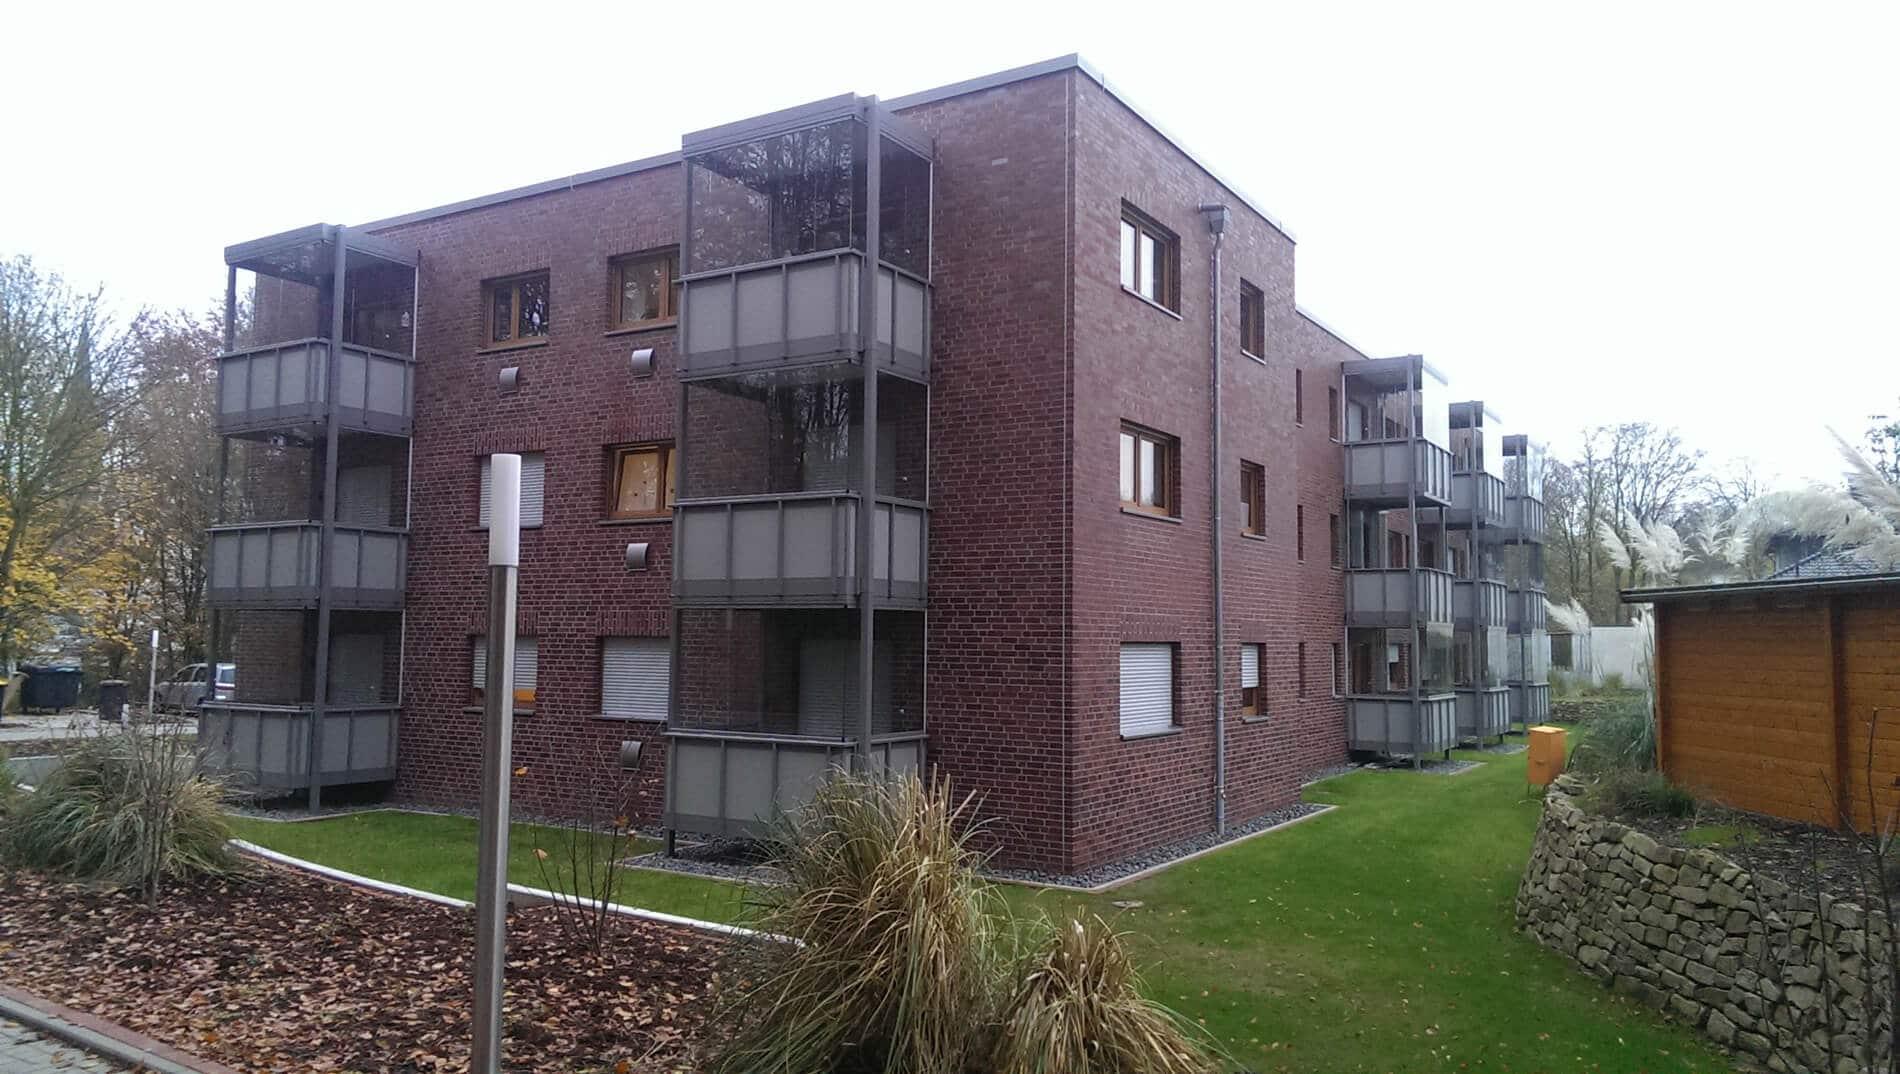 Schiebe-Dreh-Fenster für Balkon als Windschutz